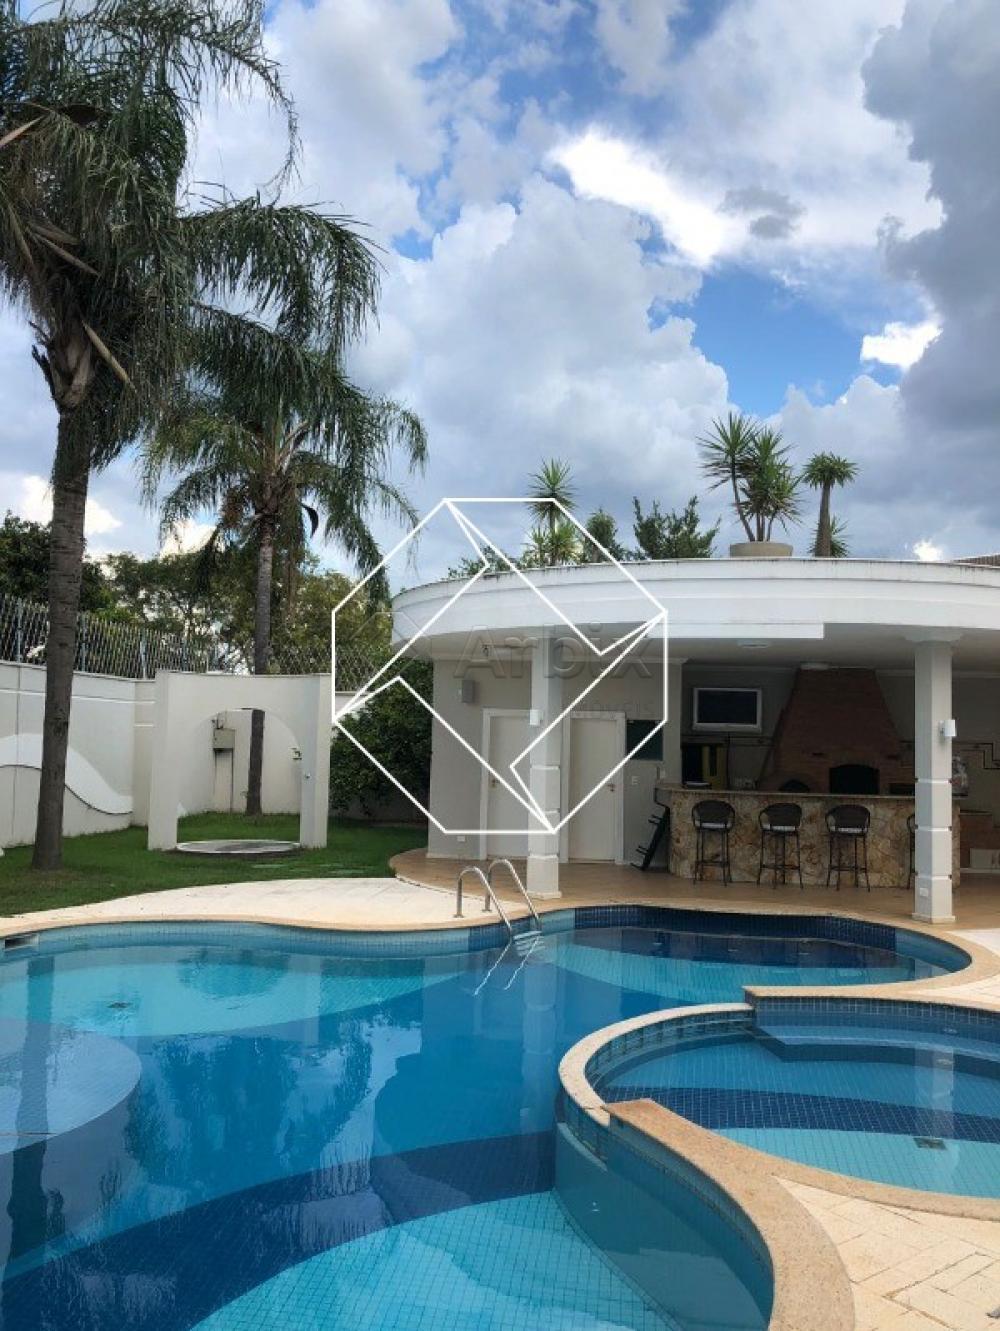 Comprar Casa / Sobrado em Americana apenas R$ 3.000.000,00 - Foto 1